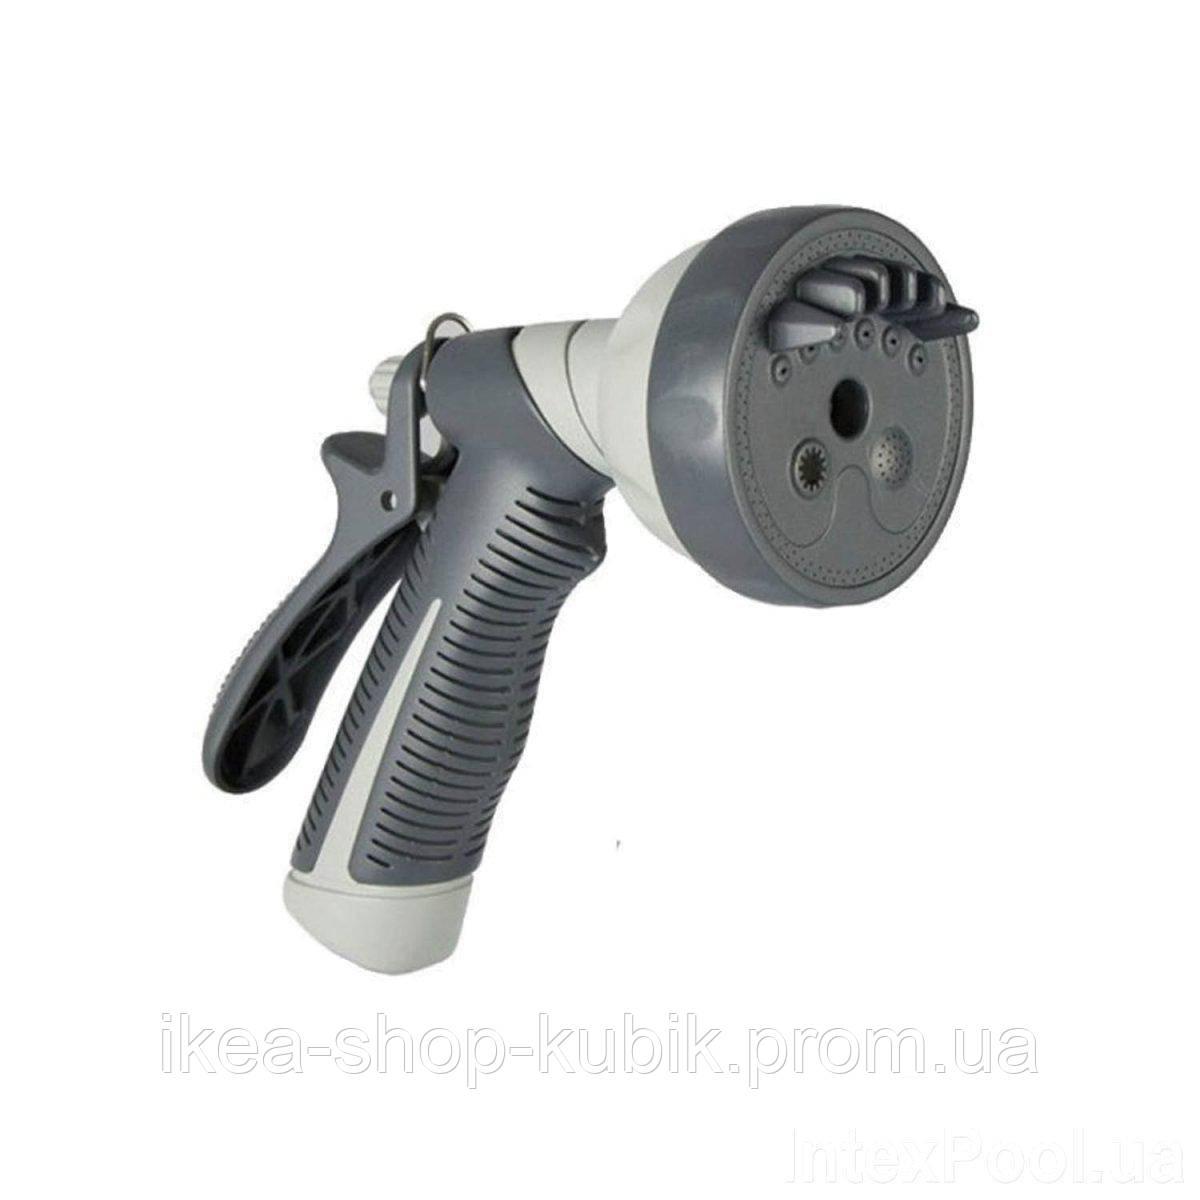 Многофункциональная насадка-пистолет для очистки фильтр-картриджей Int